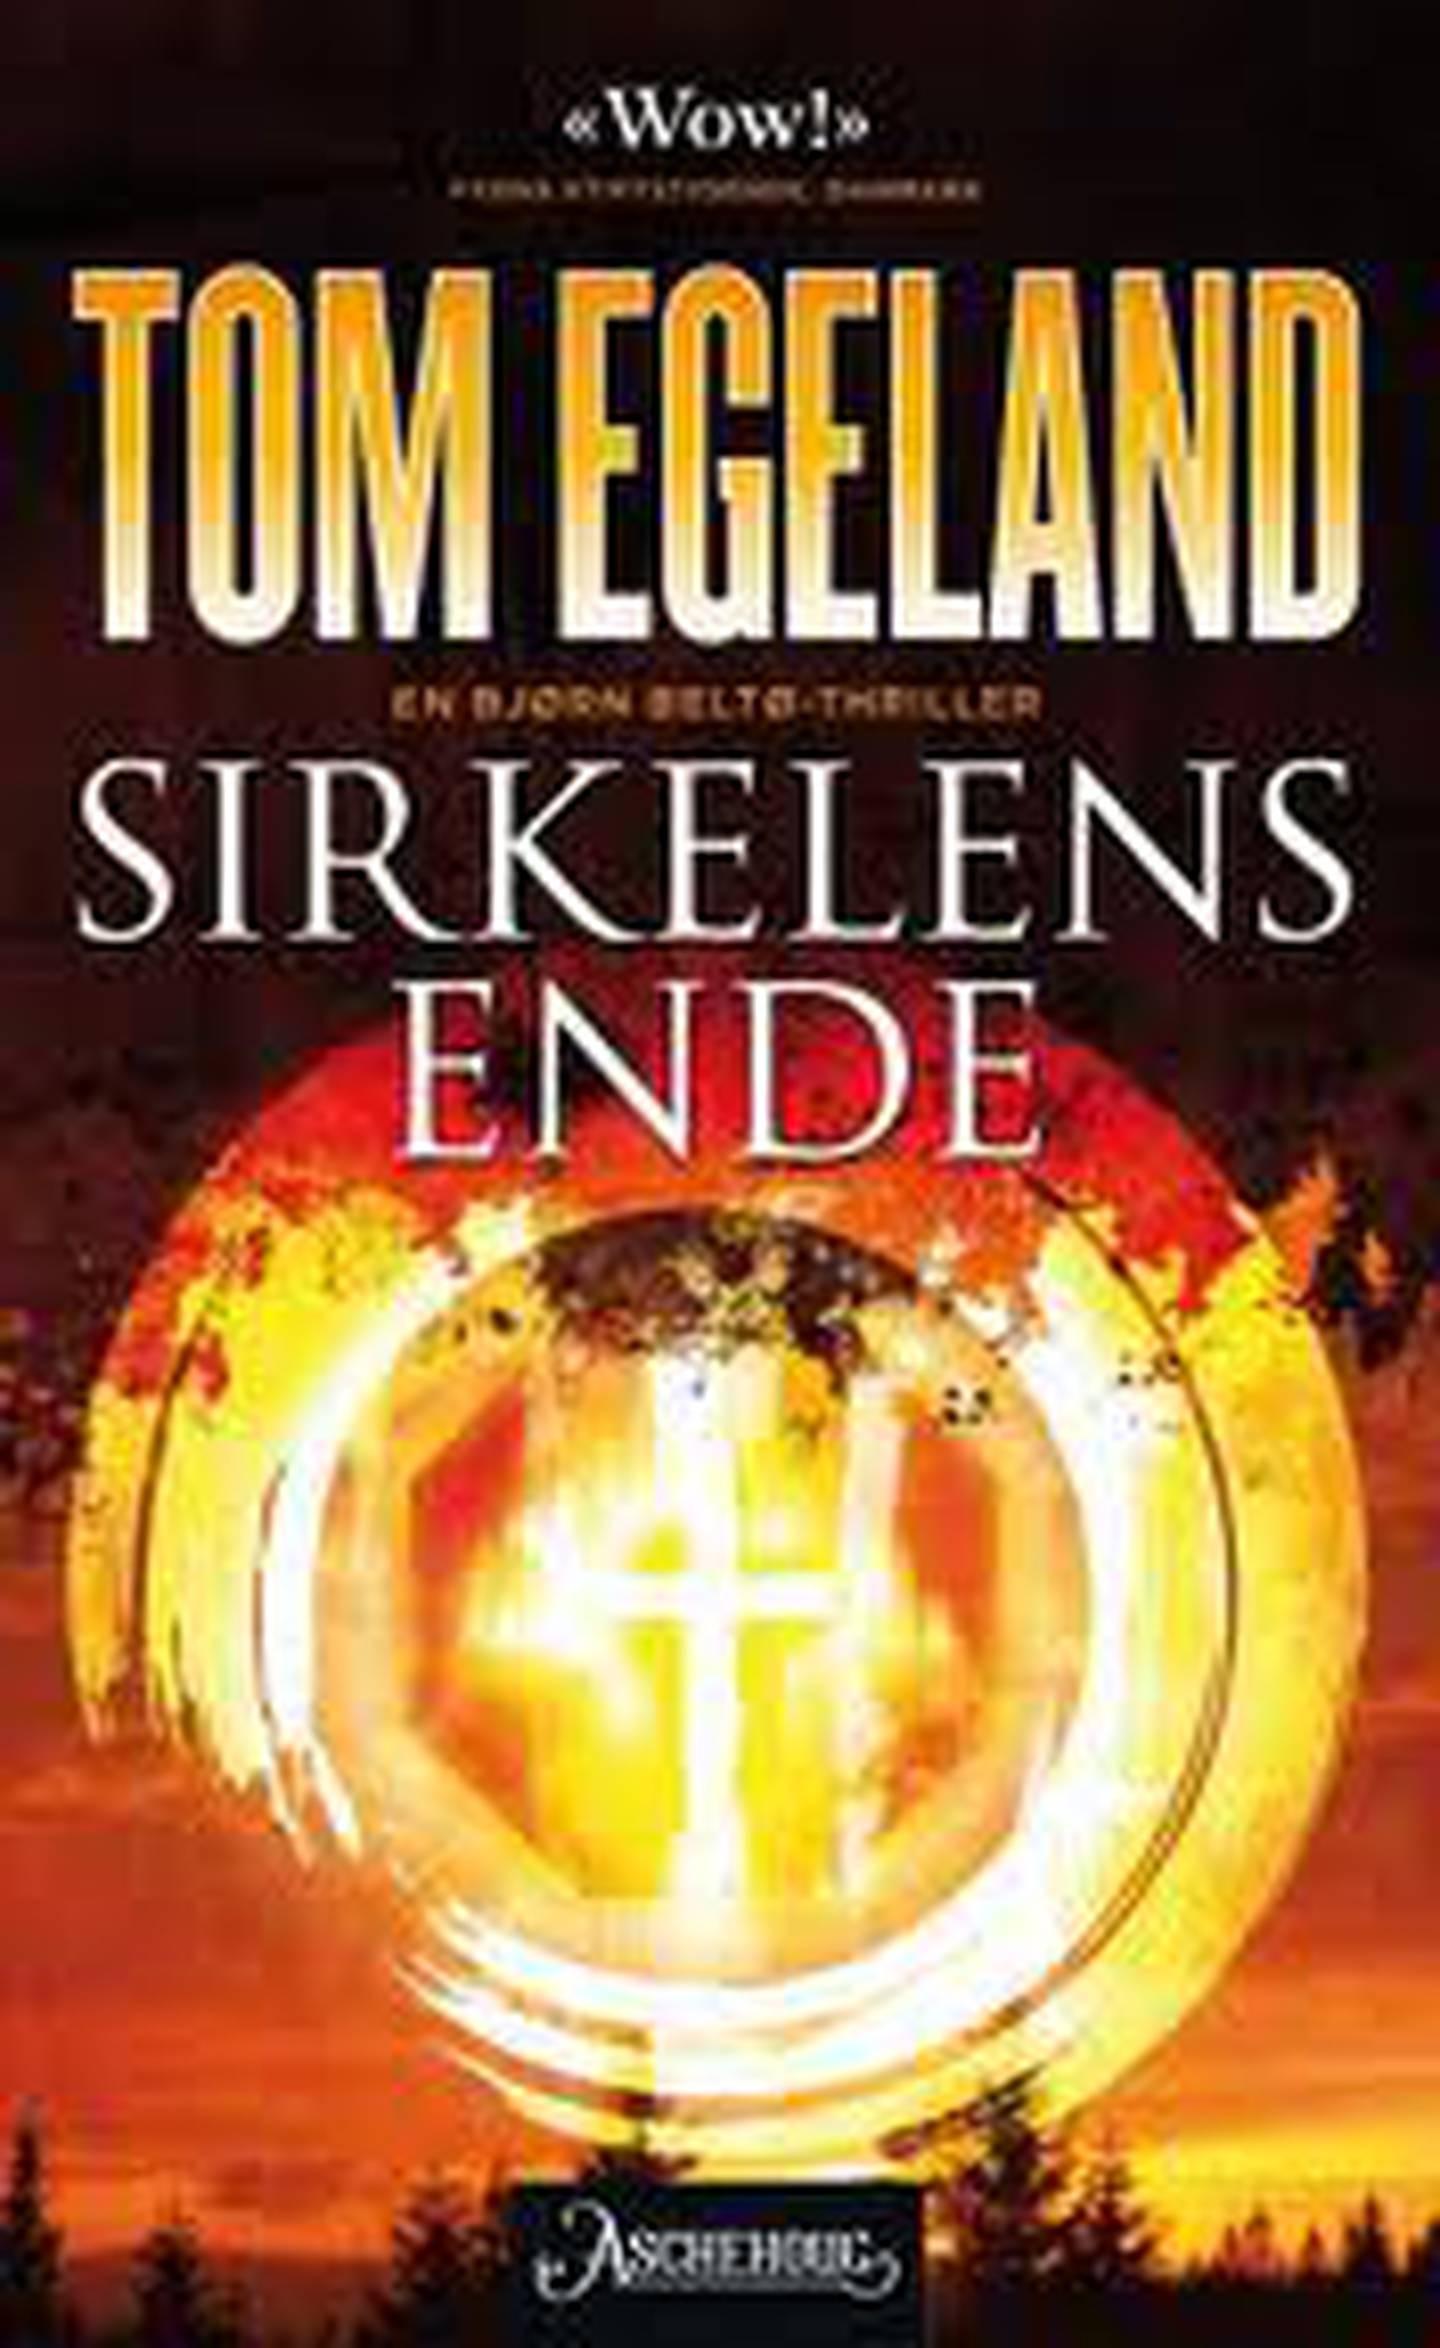 Tom Egeland - Sirkelens ende. Bok.